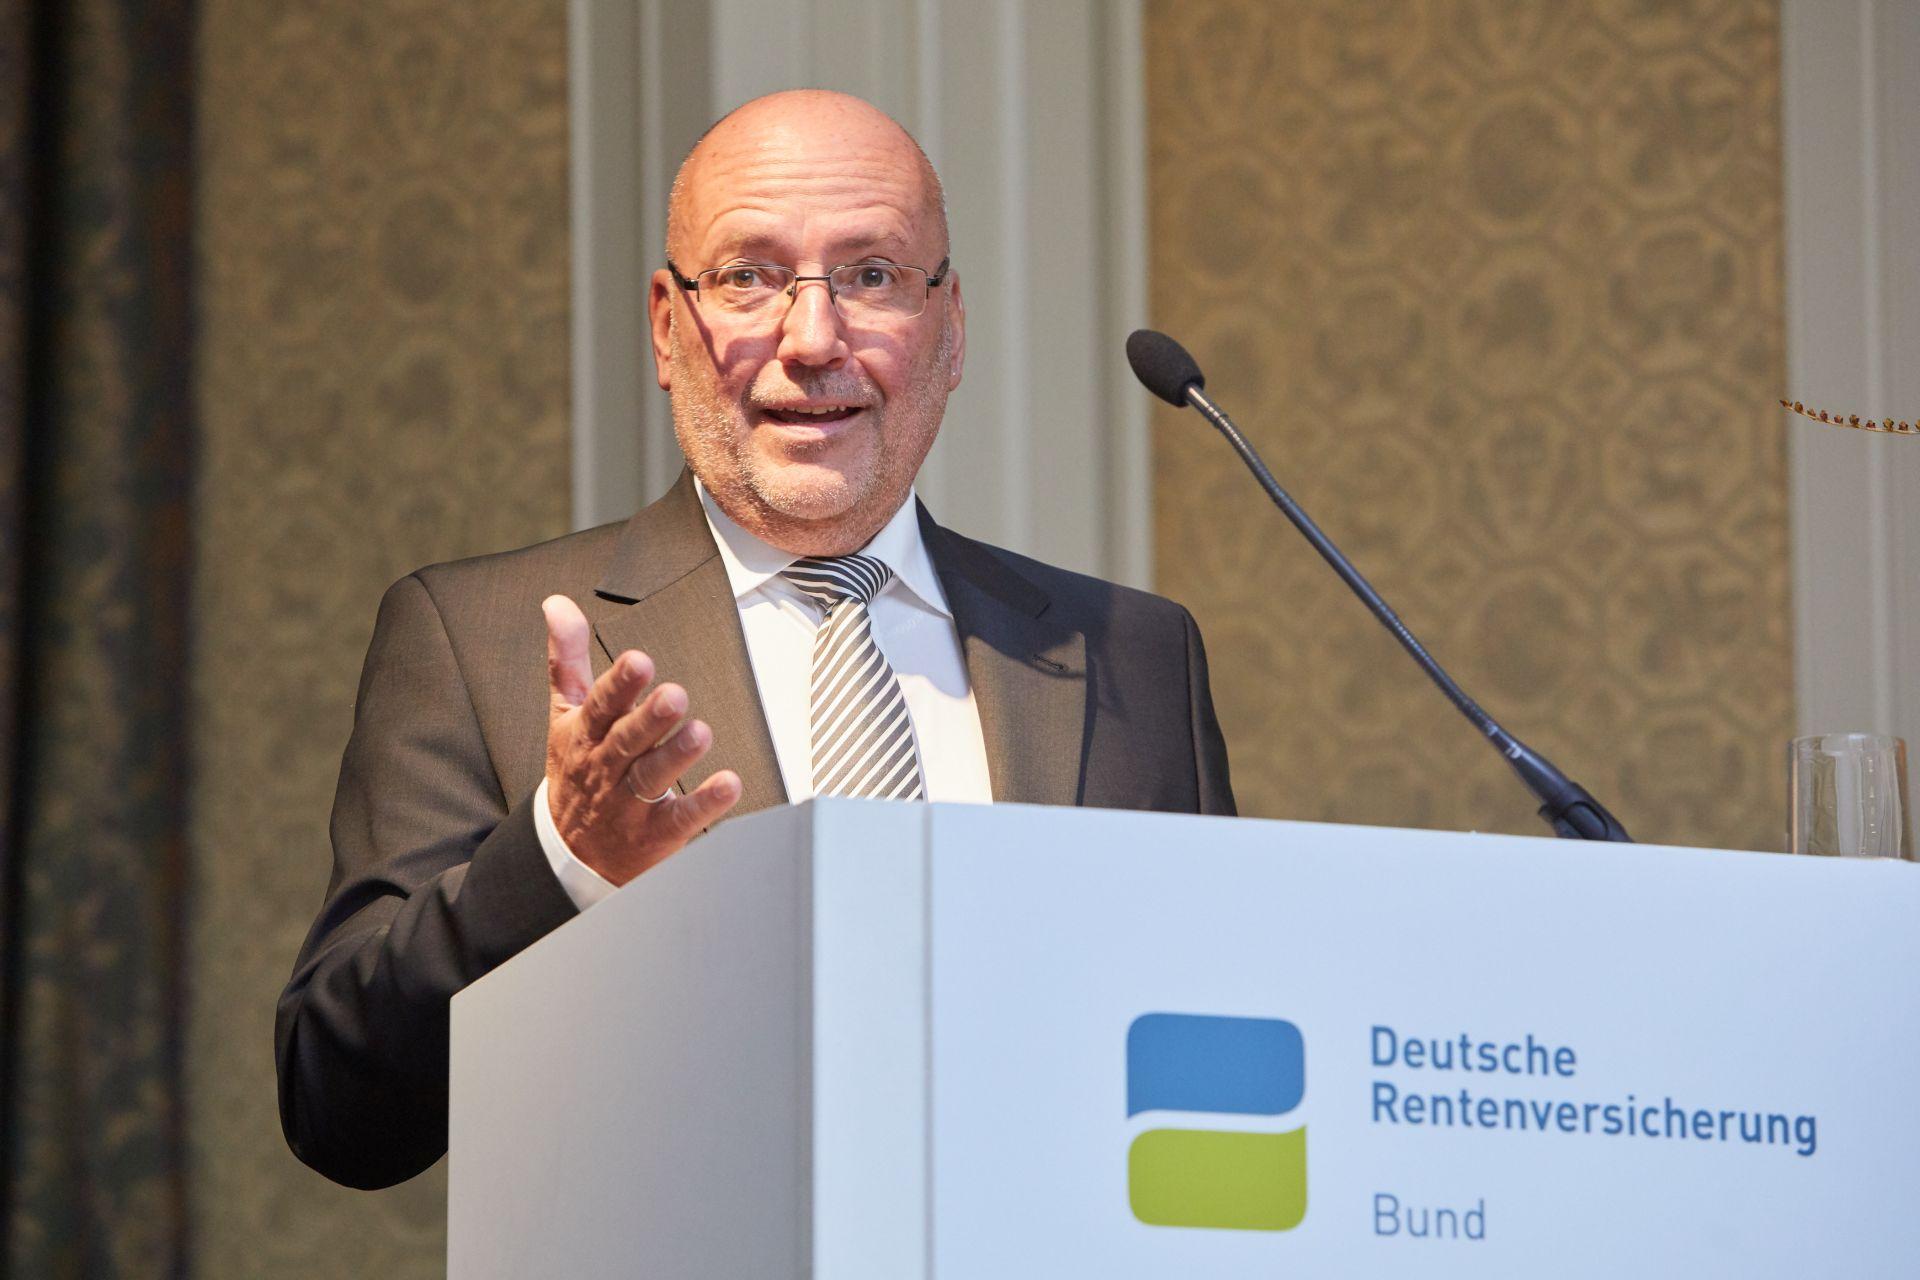 Ruediger_Herrmann_nach_der_Wahl_zum_VV_Vorsitzenden